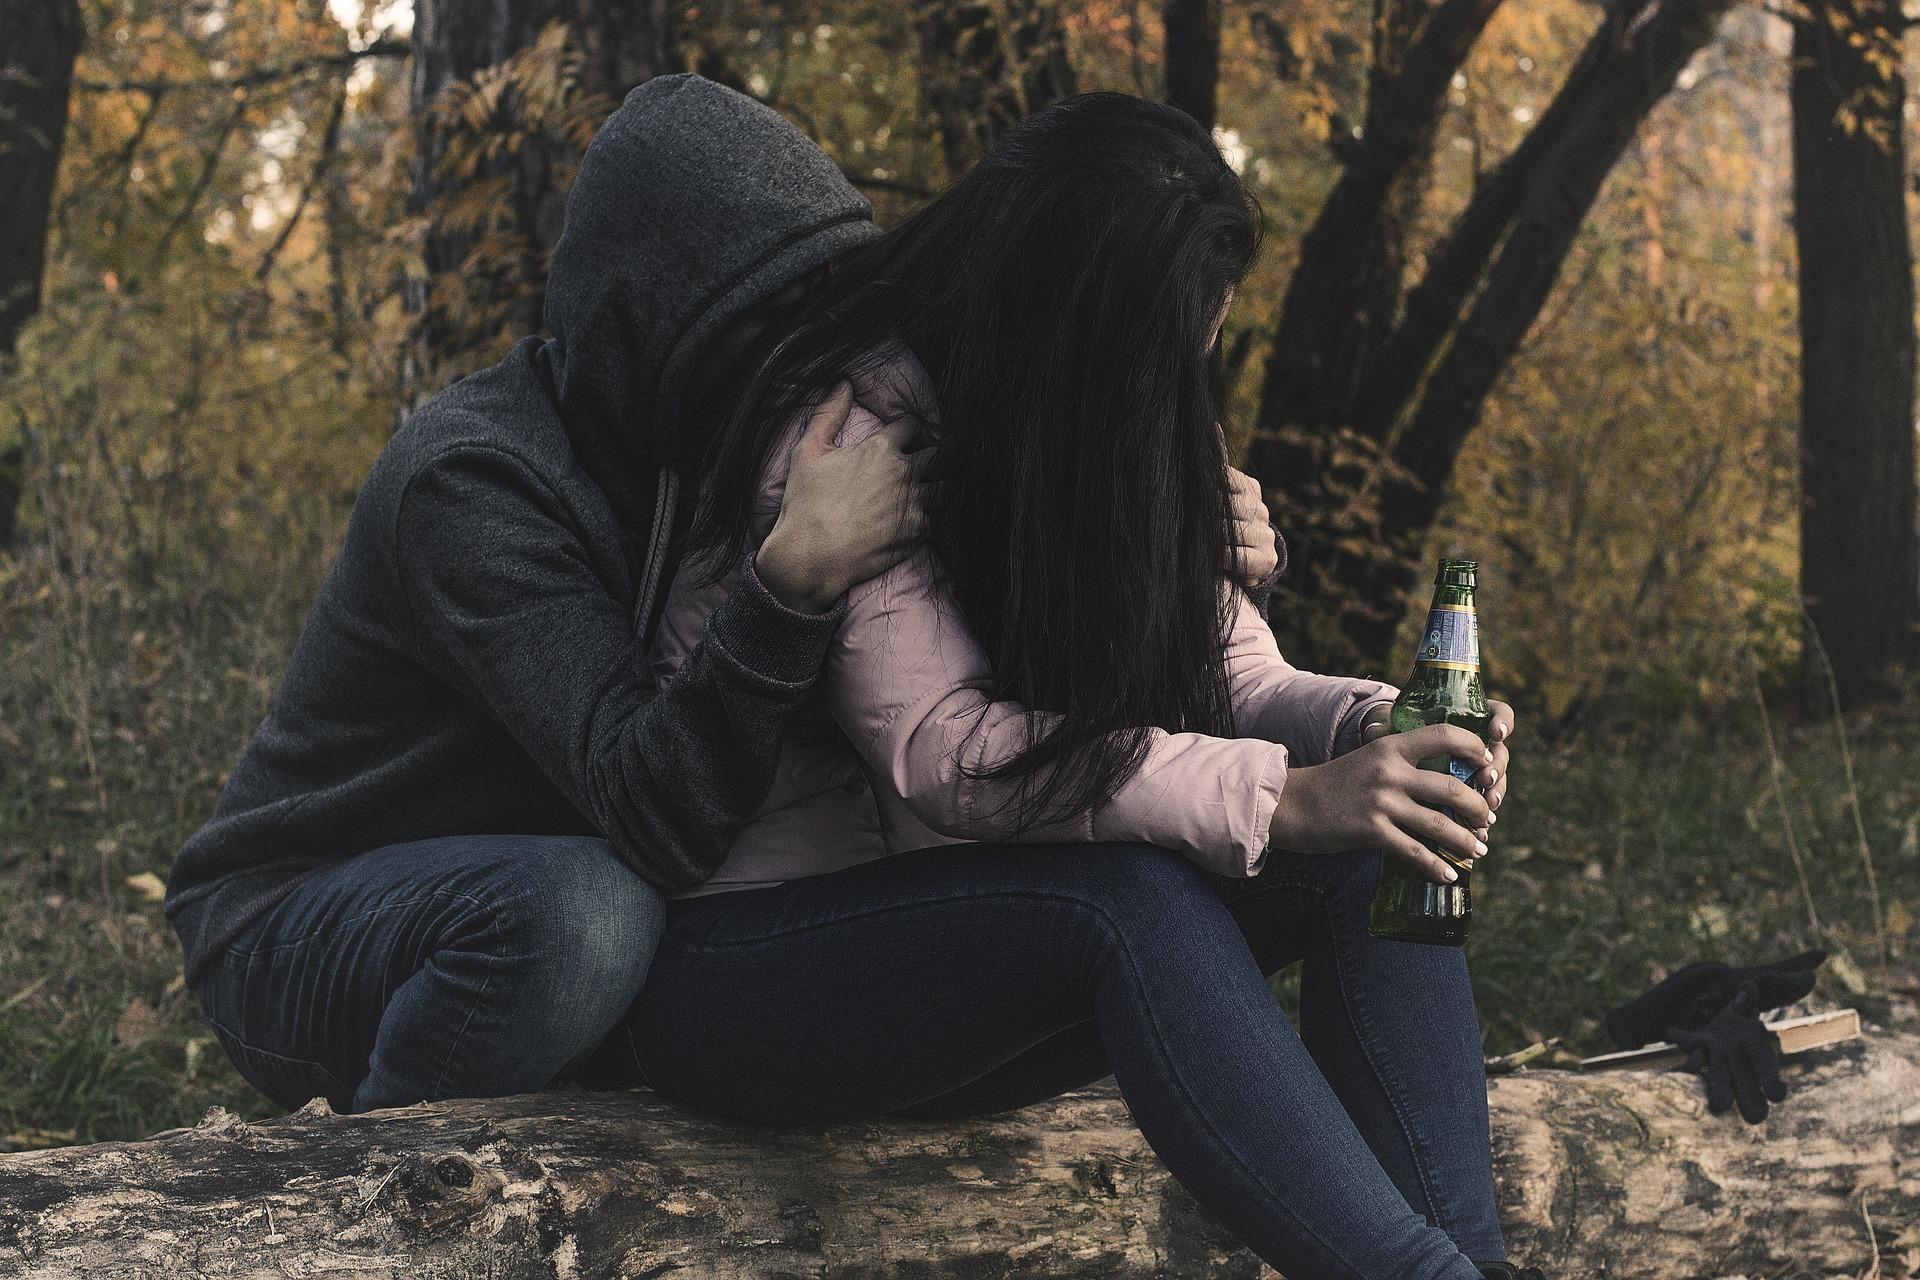 female-alcoholism-2847443_1920